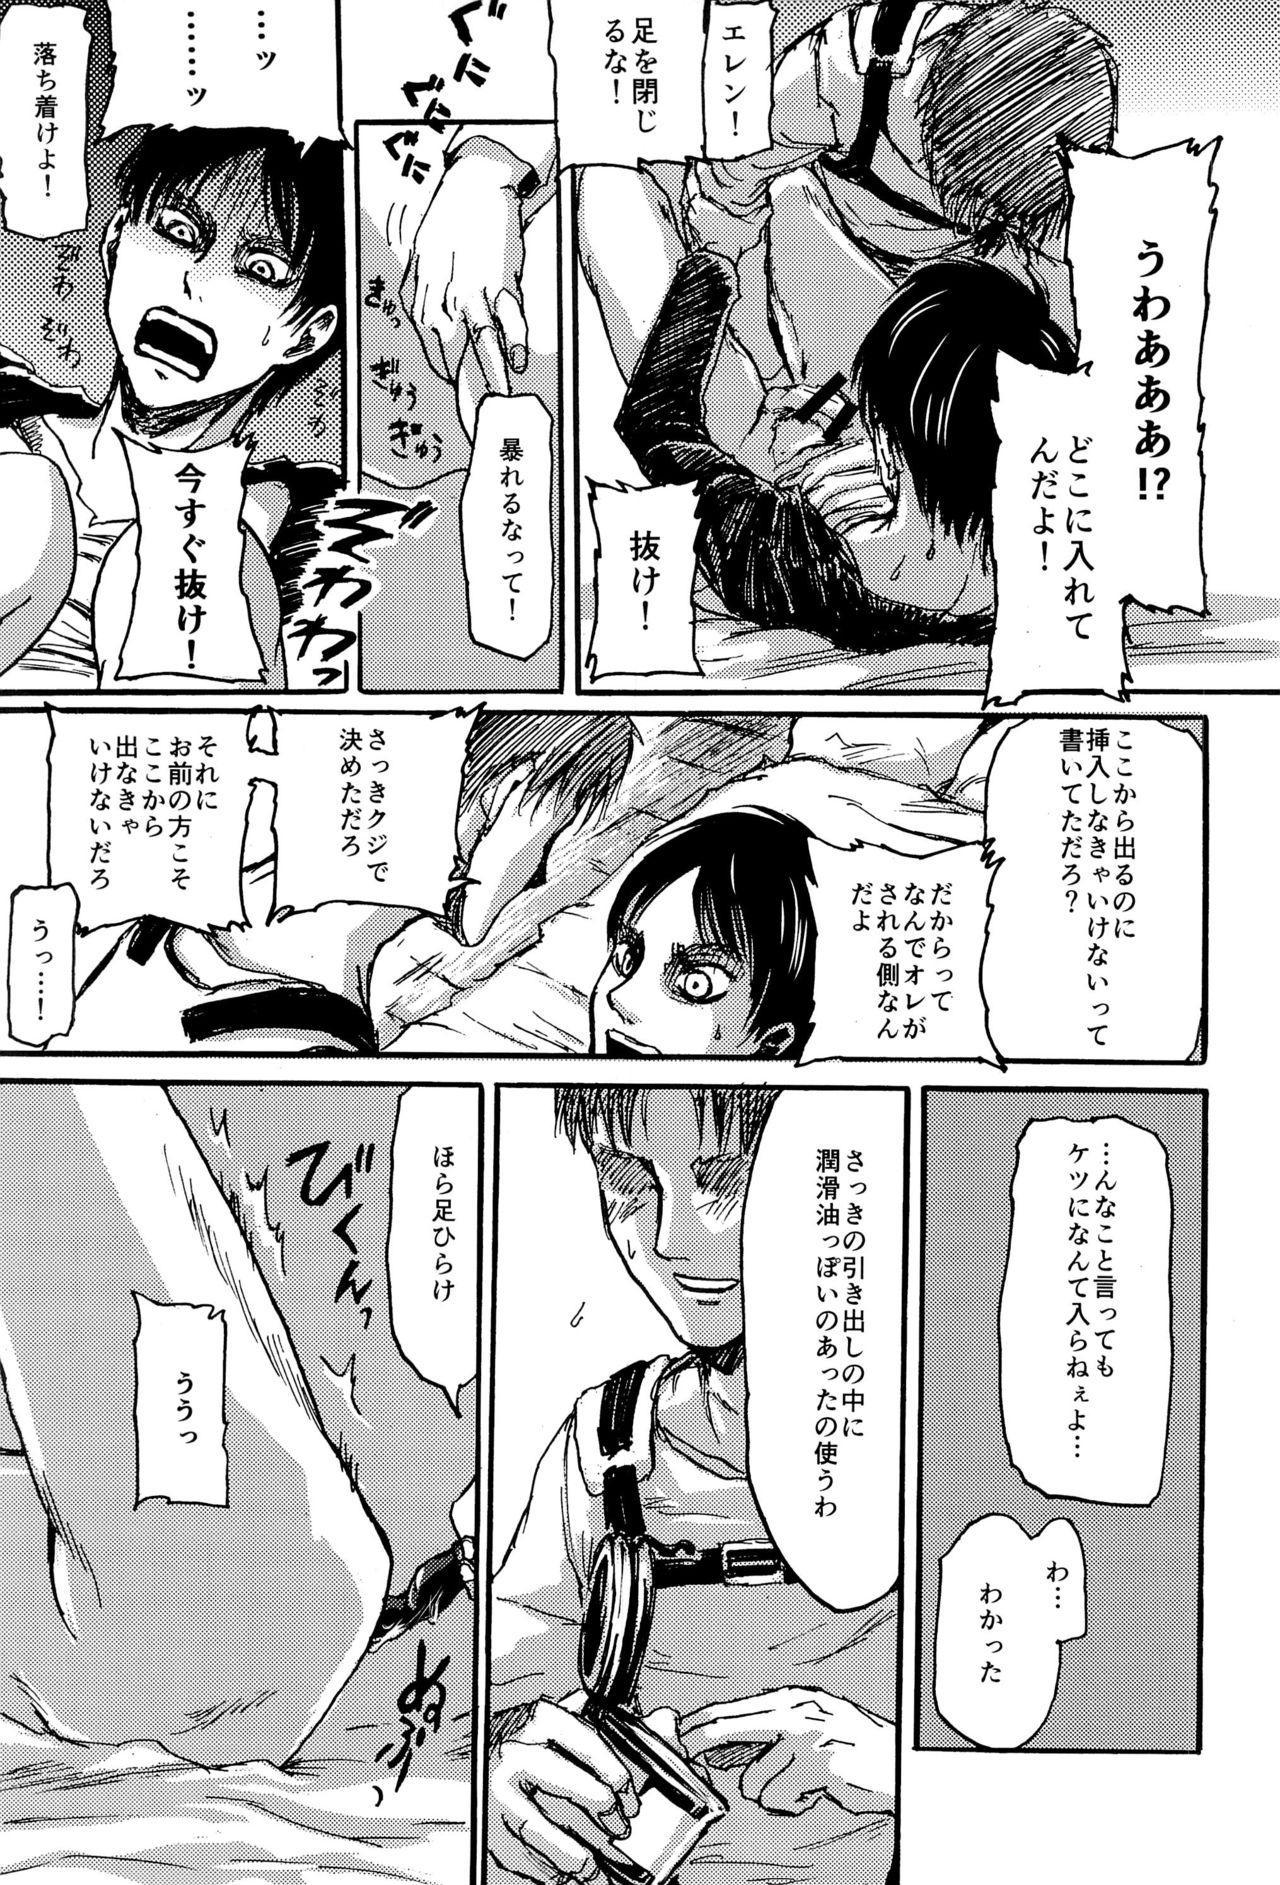 MobEre no xx Shinai to Derarenai Heya 16